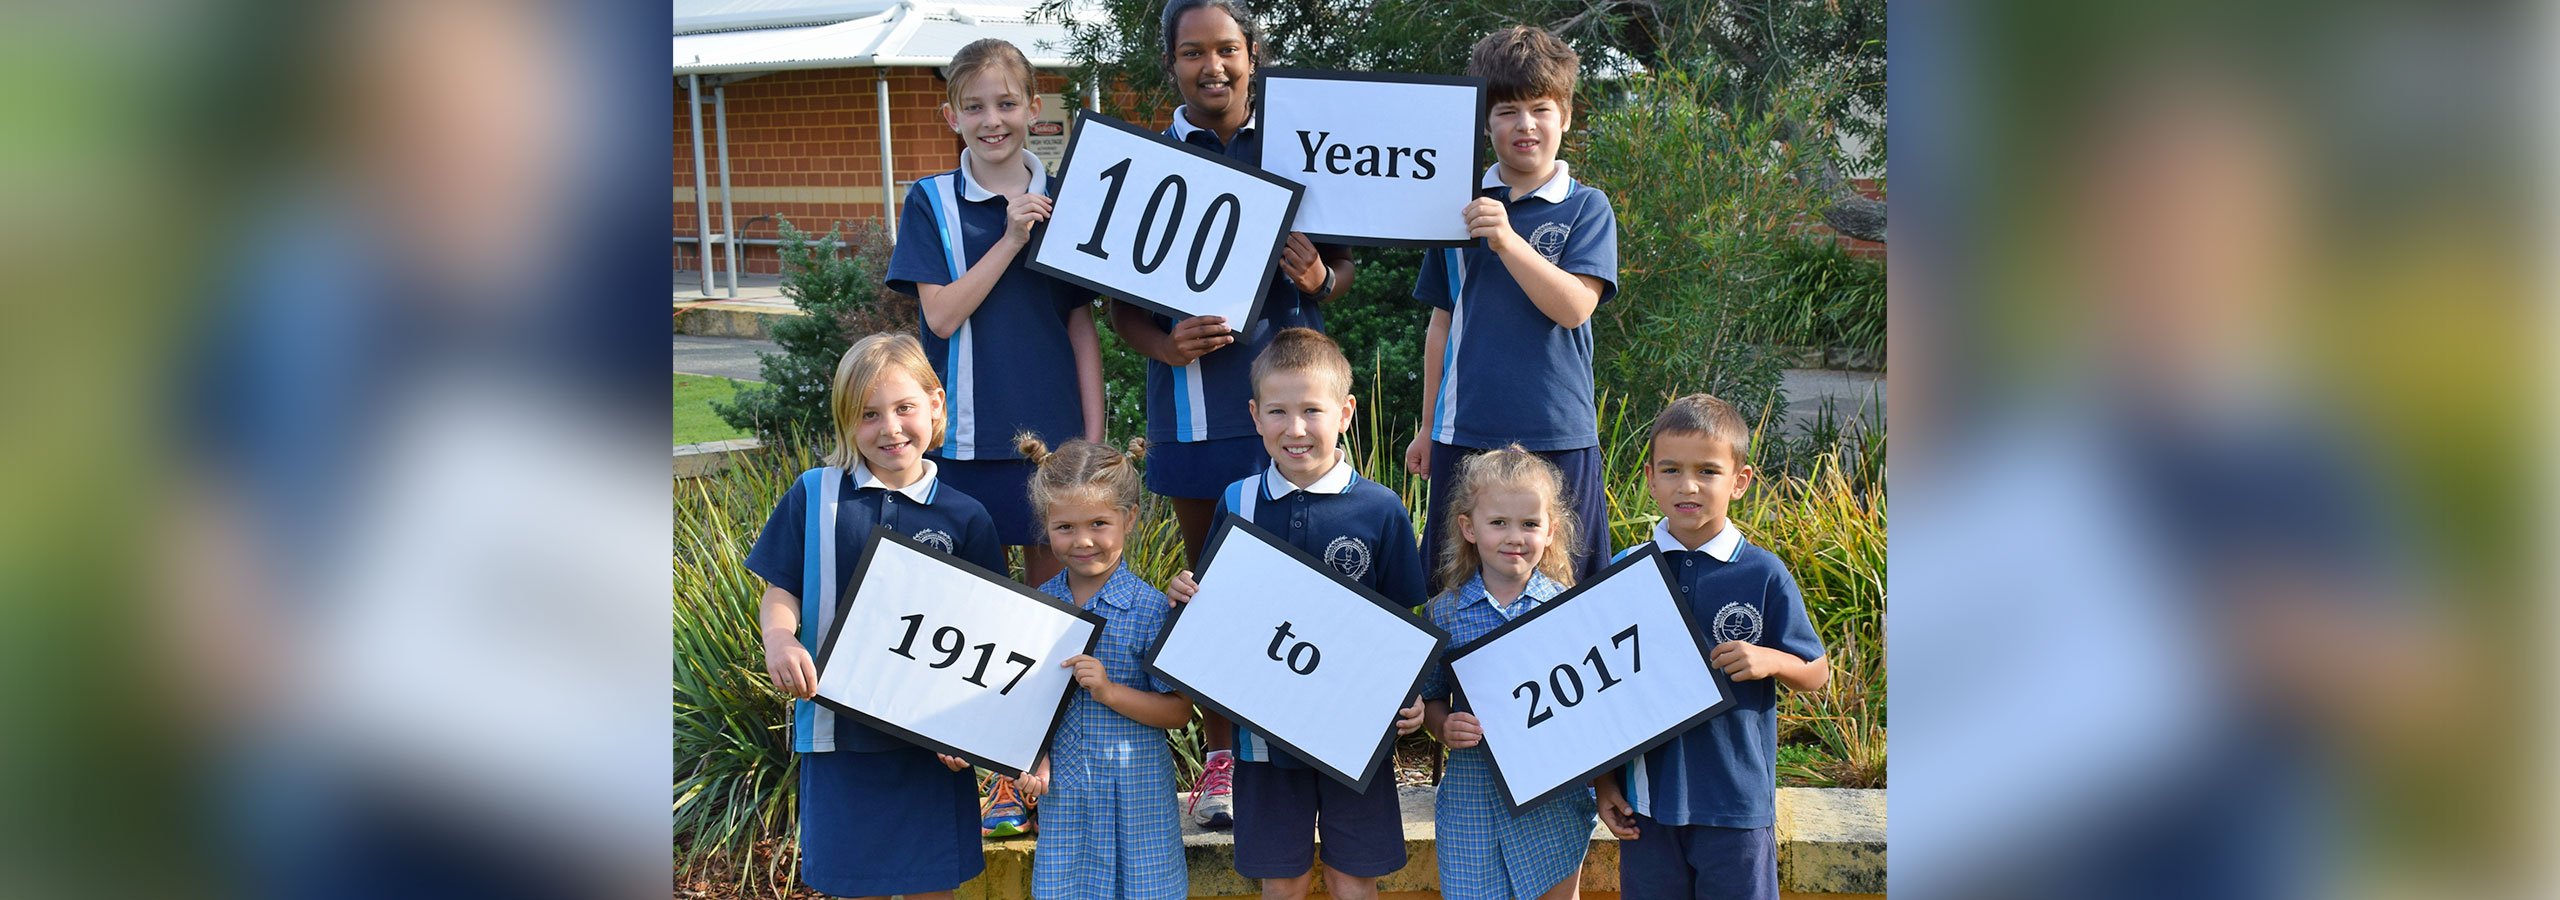 Celebrating-100-Years